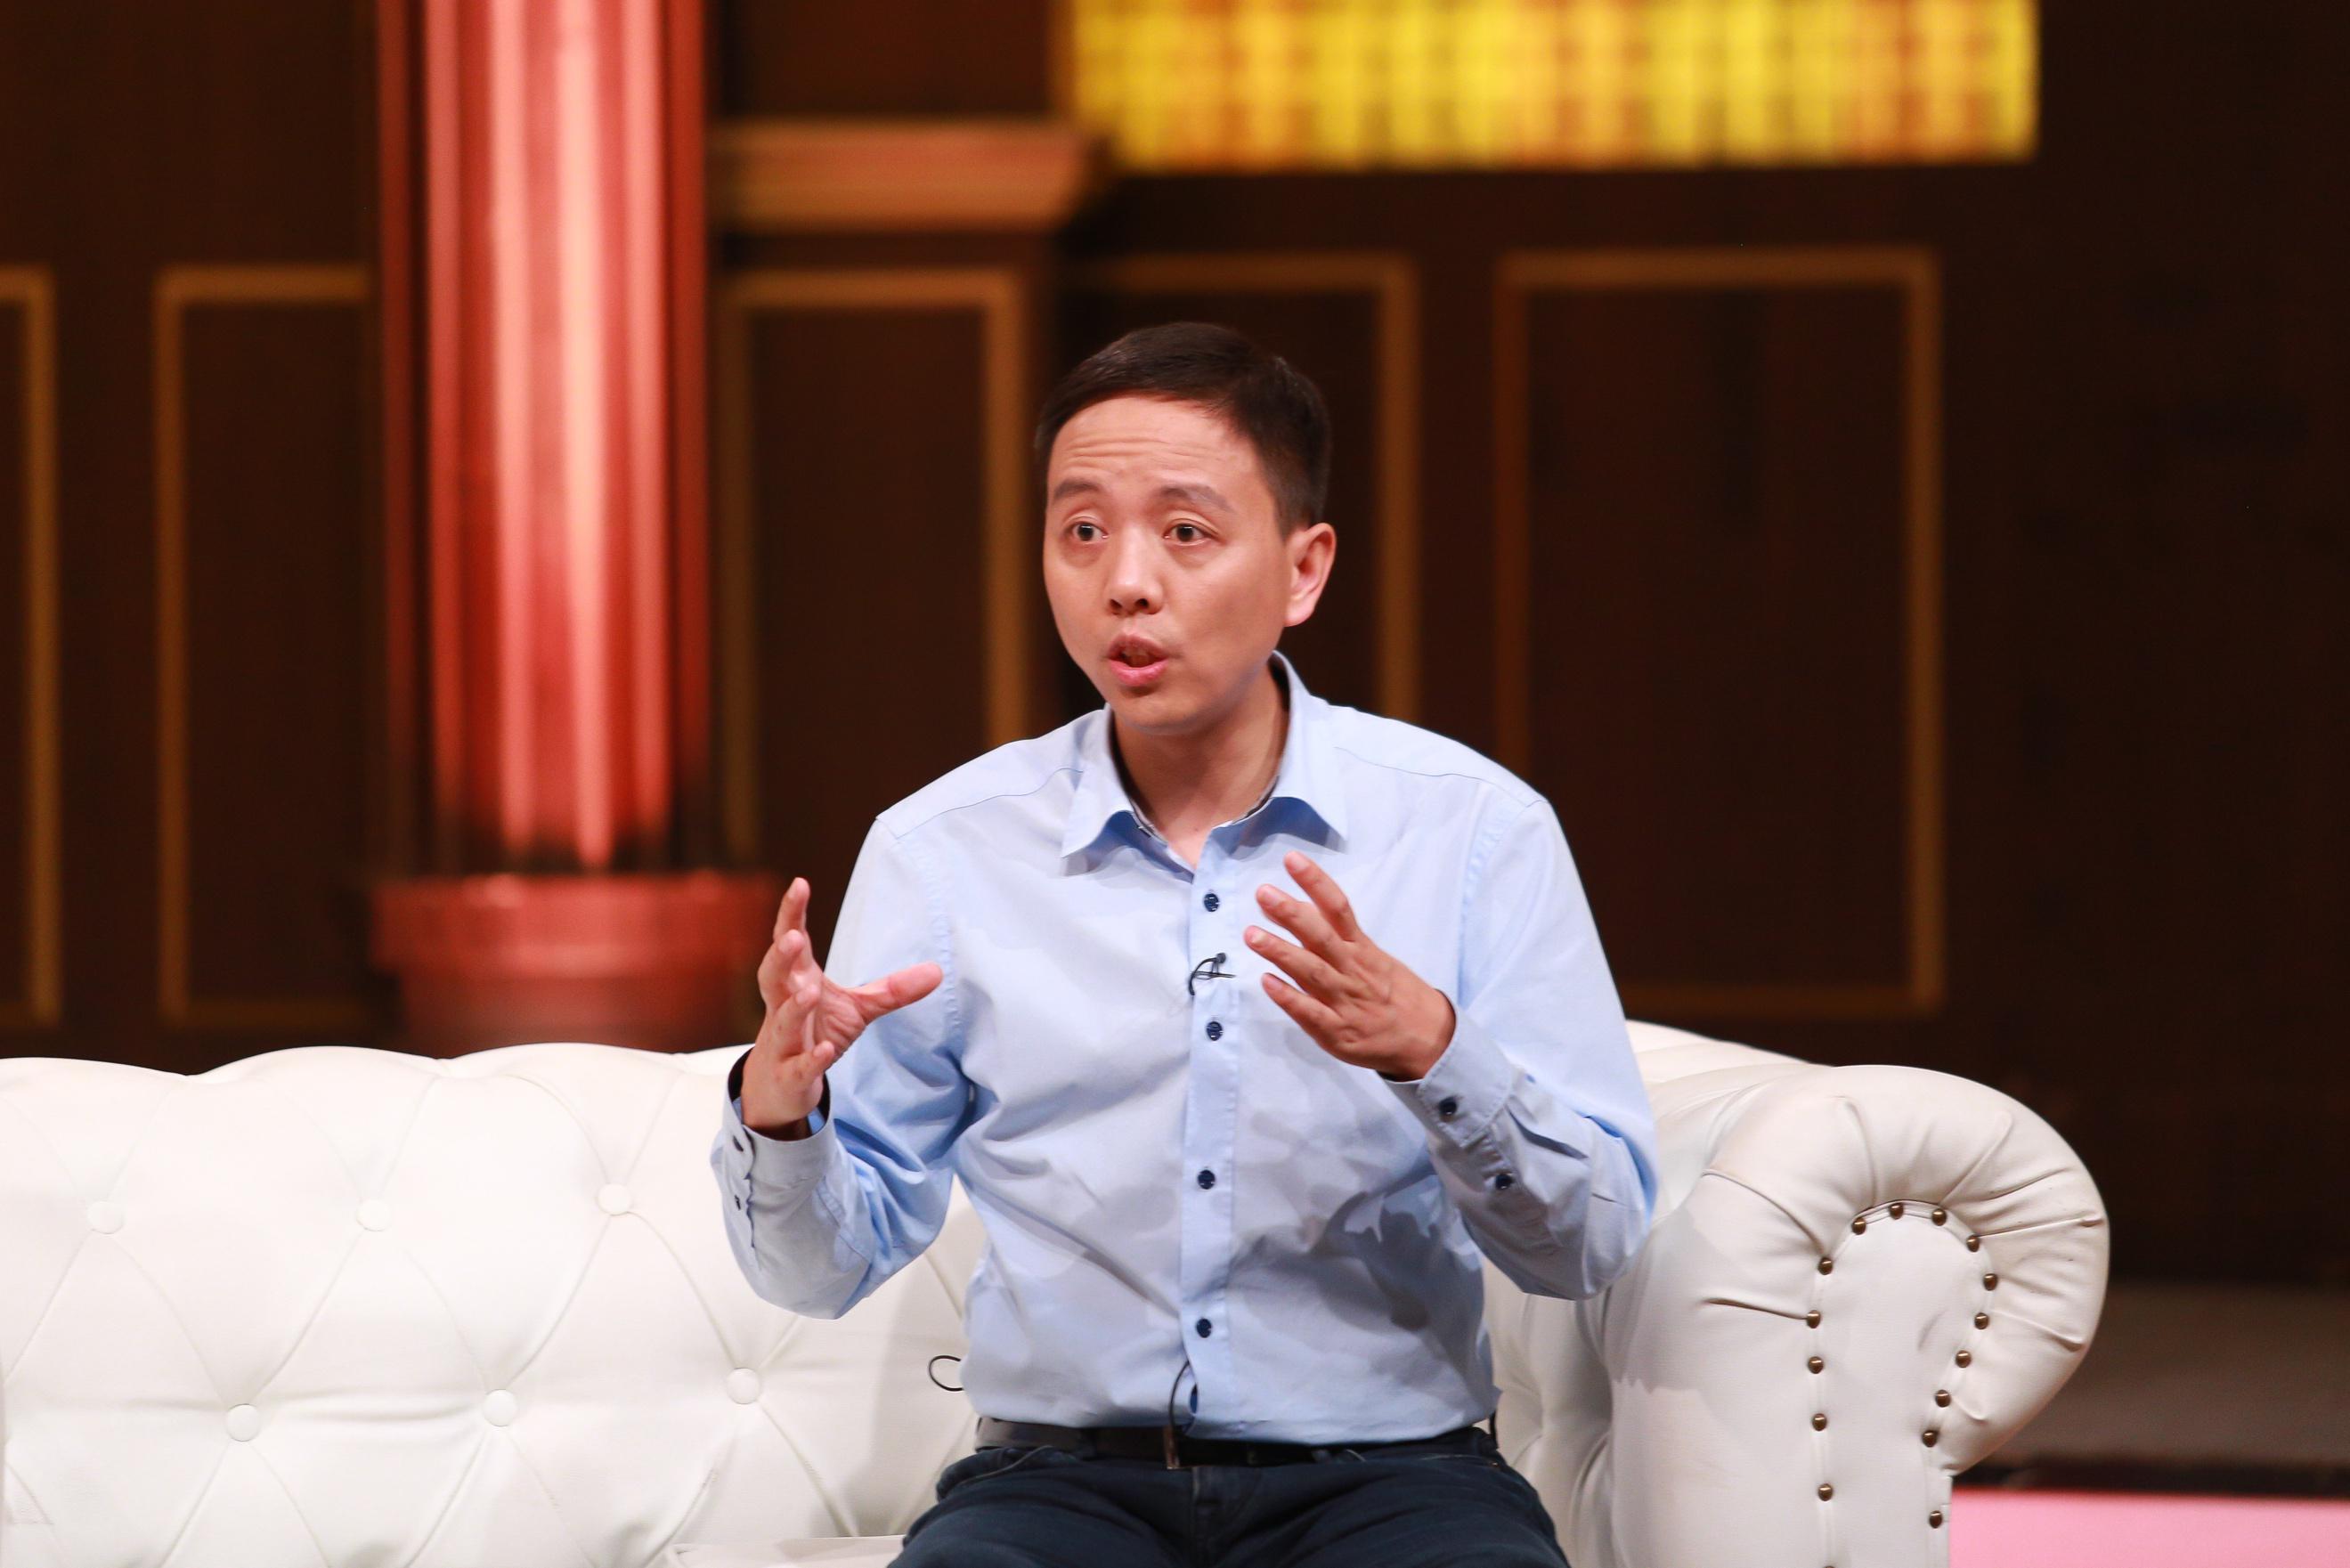 第一财经《中国经营者》专访陈金培:高精度定